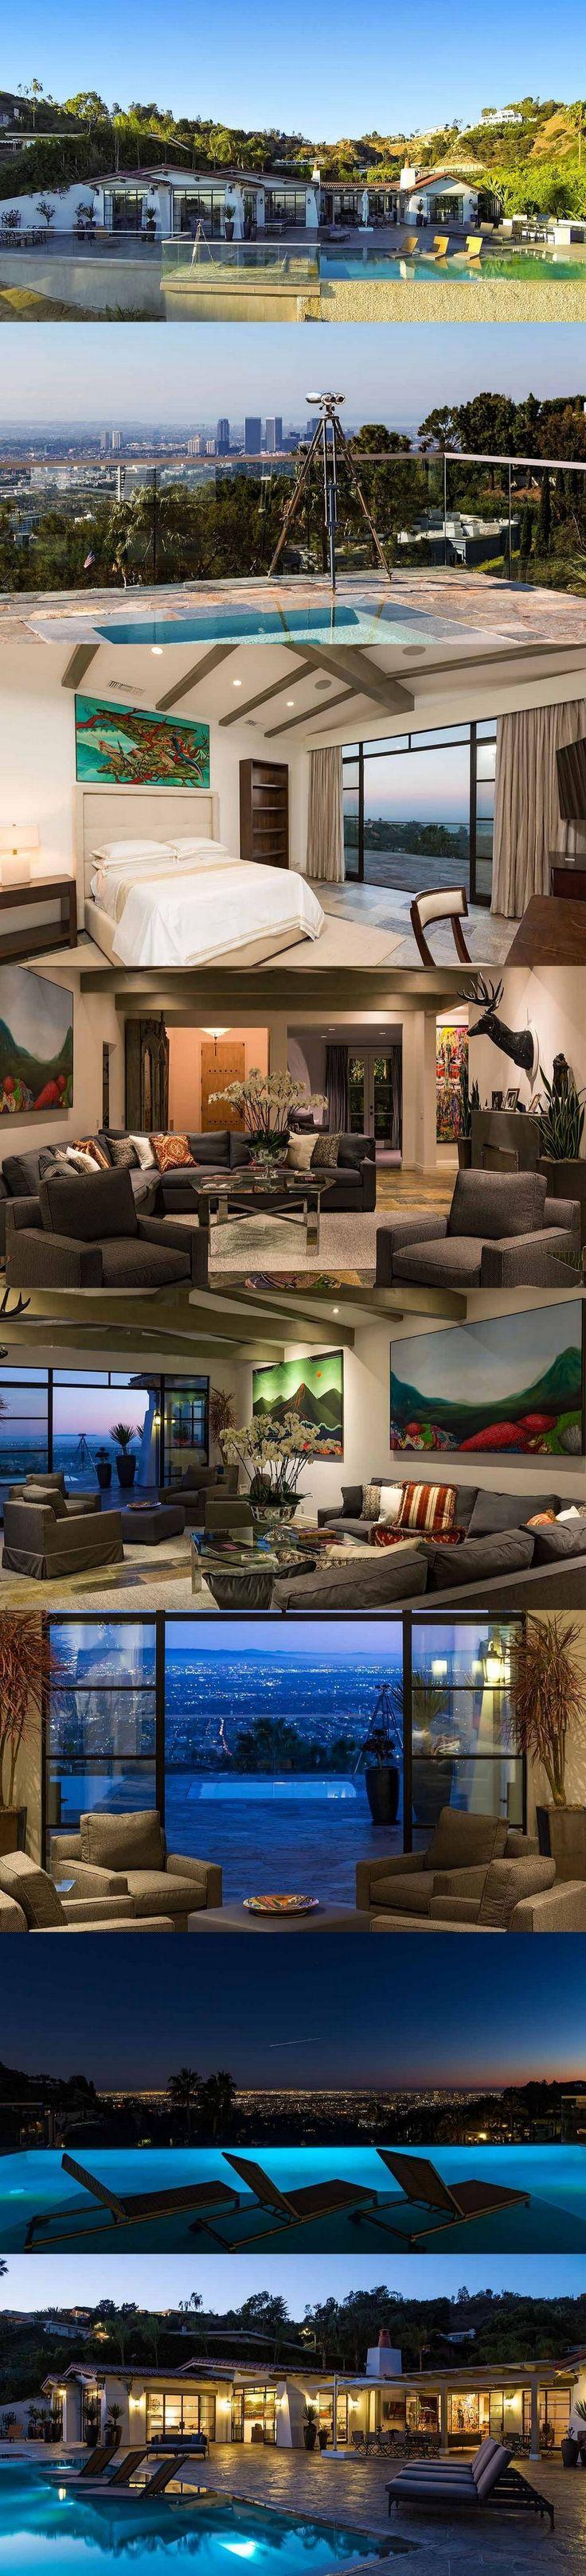 1260 best Dream Homes images on Pinterest | Arquitetura, House ...